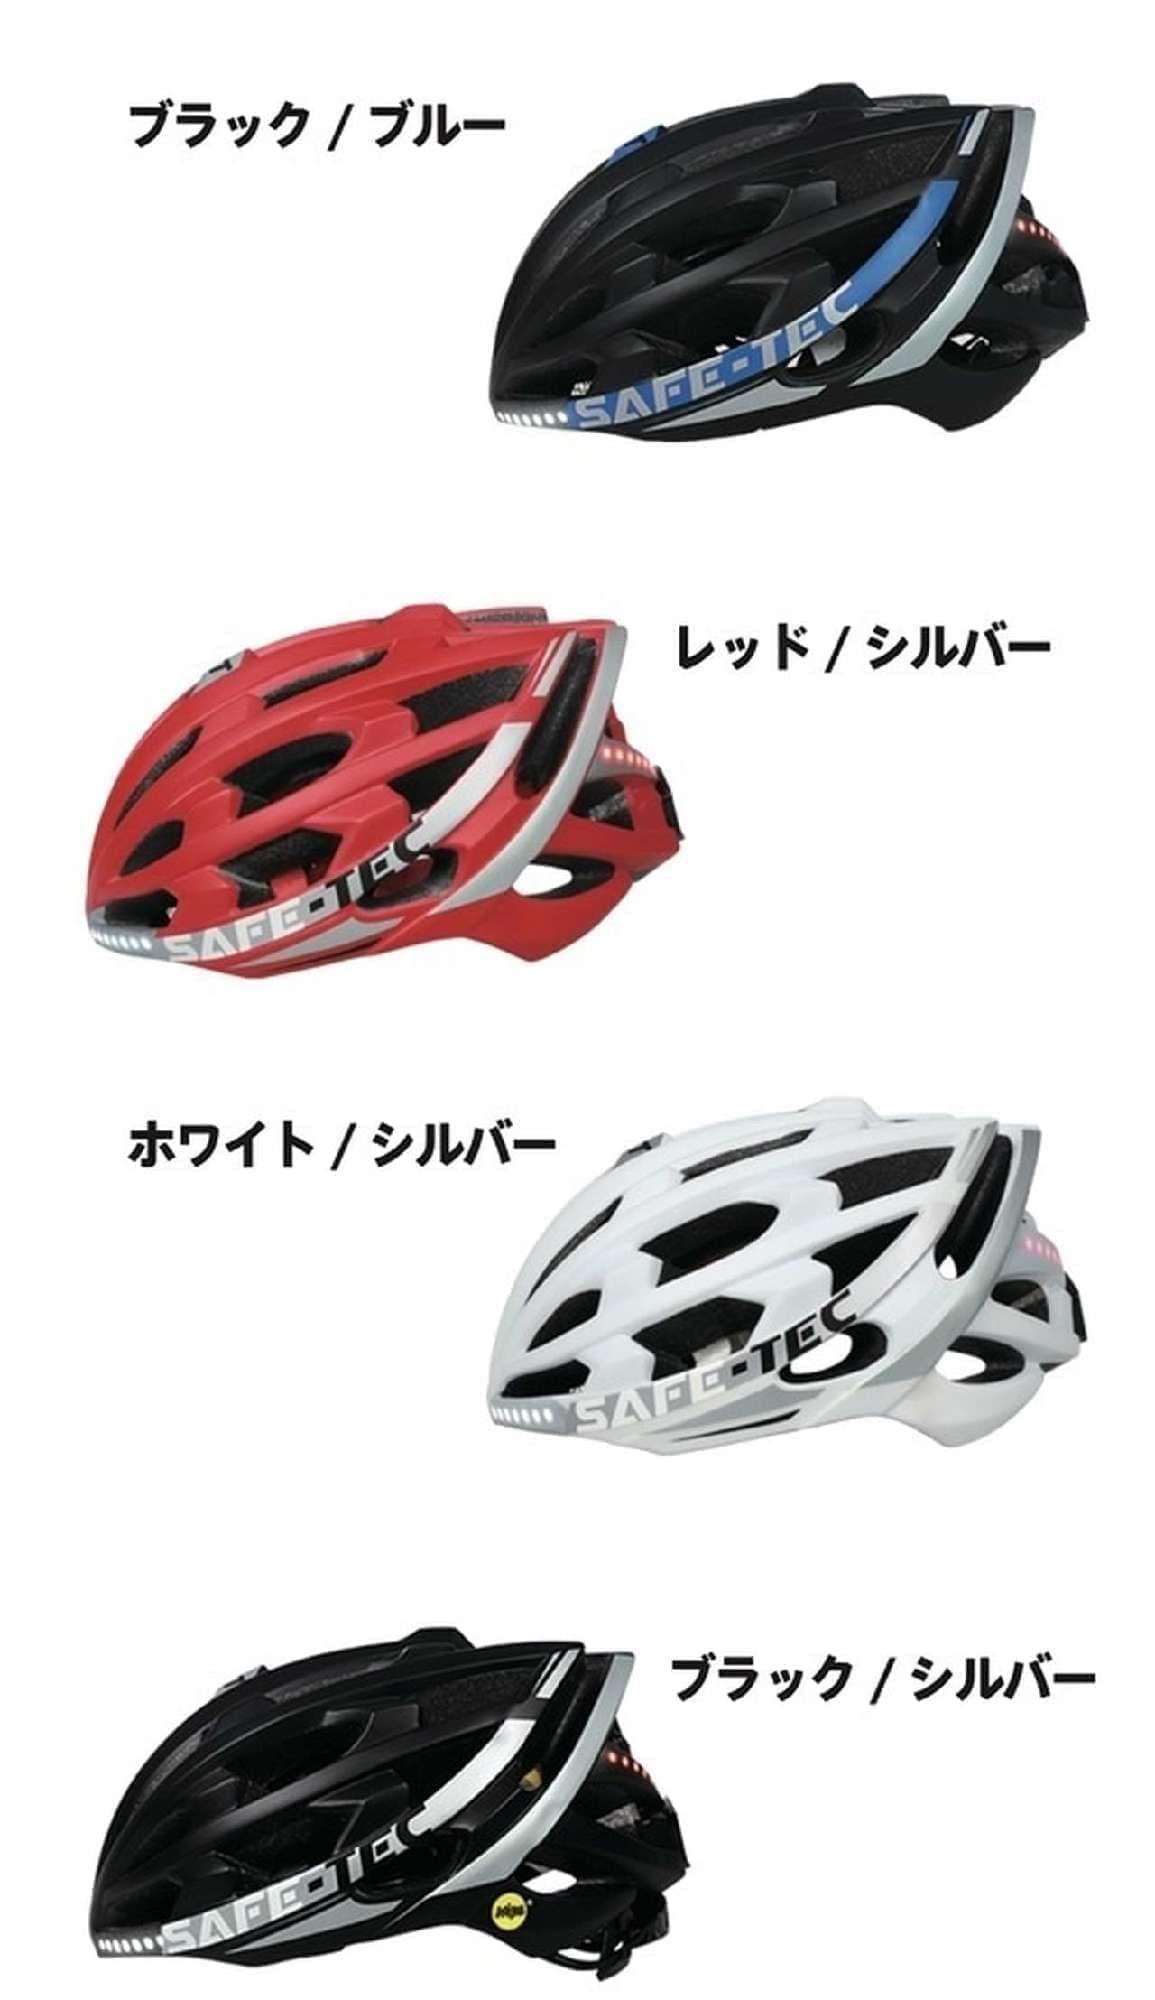 方向指示器やライトも付いたヘルメット「SAFE-TEC TYR-2」